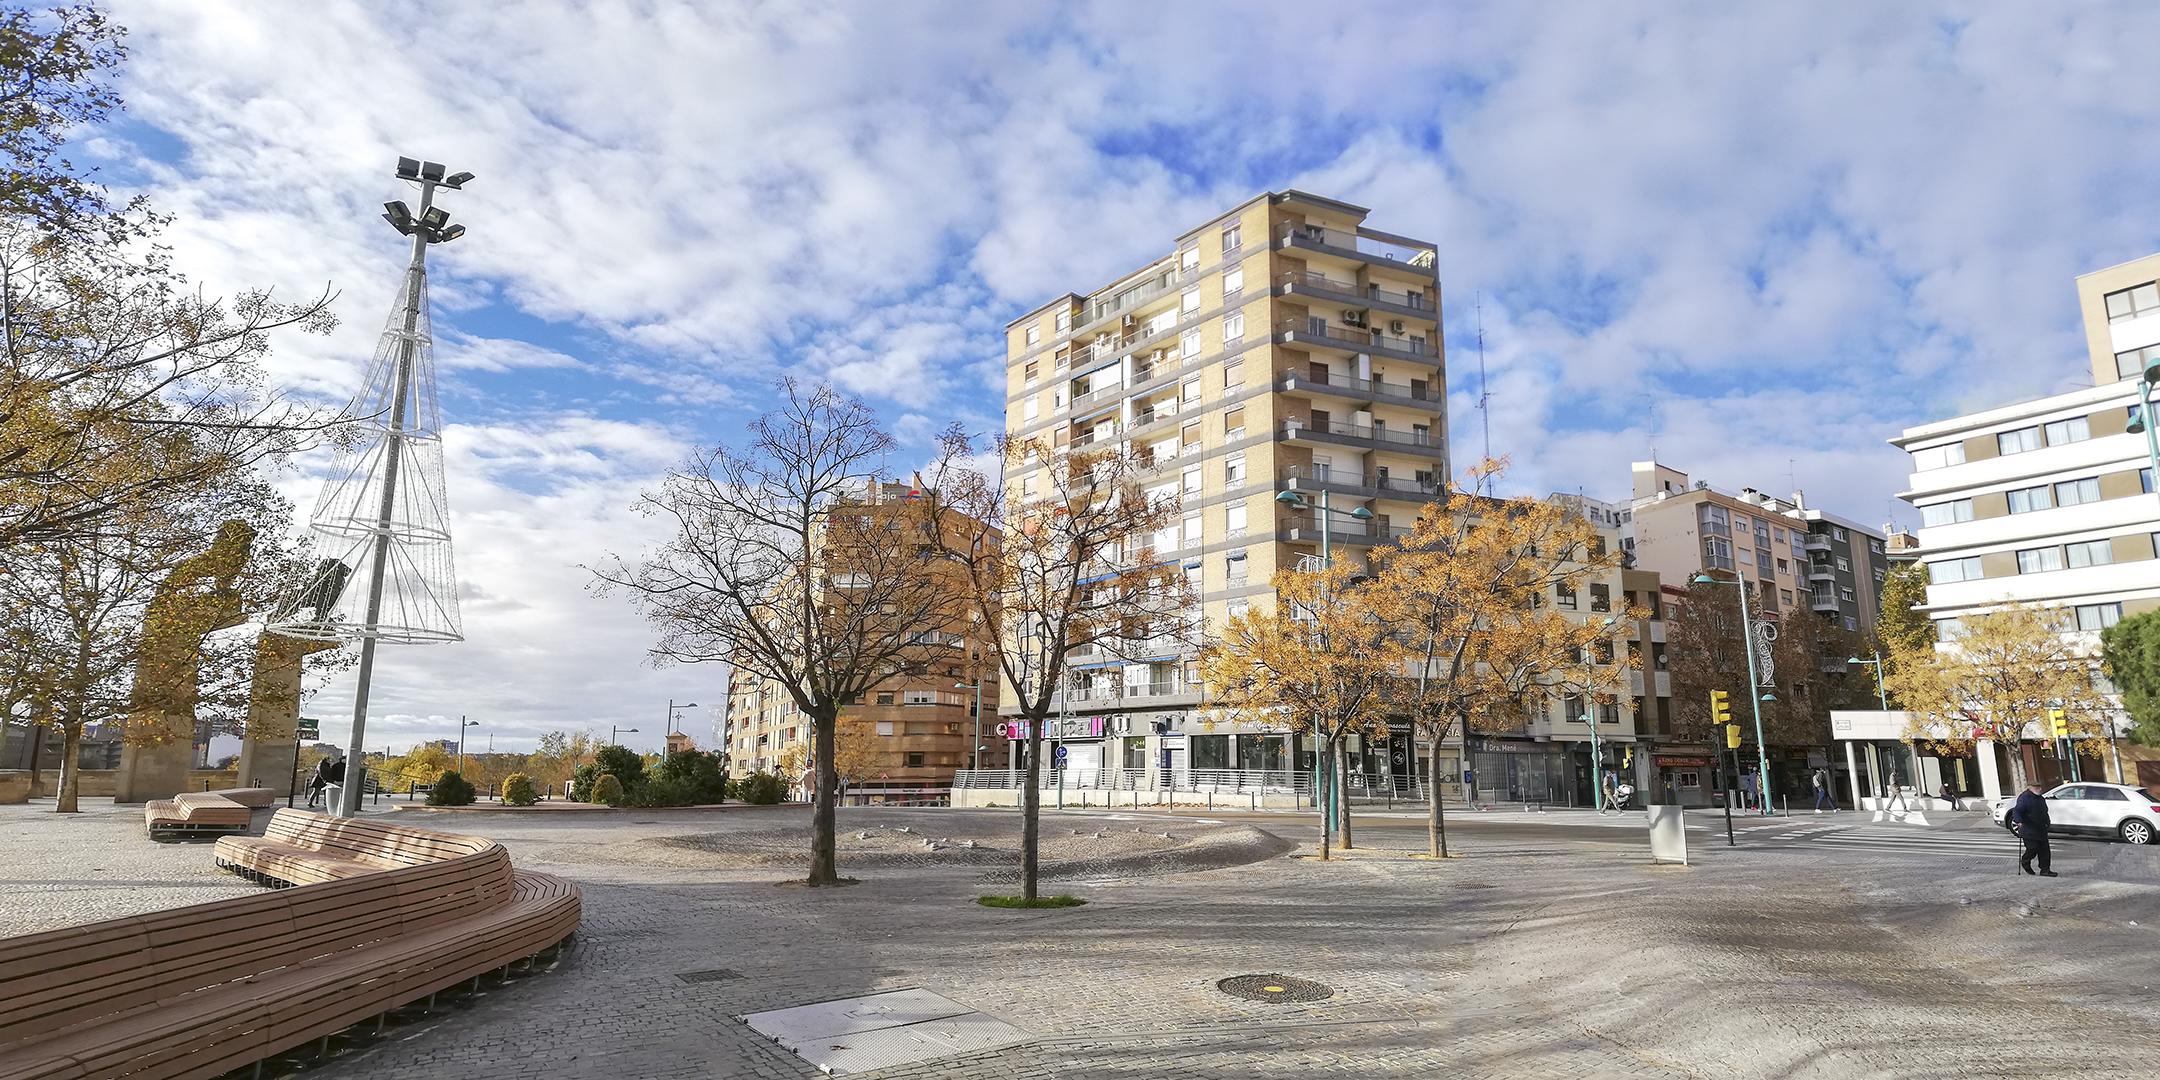 Aldebre Inmobiliaria Zaragoza | Pisos Arrabal Zaragoza Portada. Tu inmobiliaria de confianza en Zaragoza y alrededores.